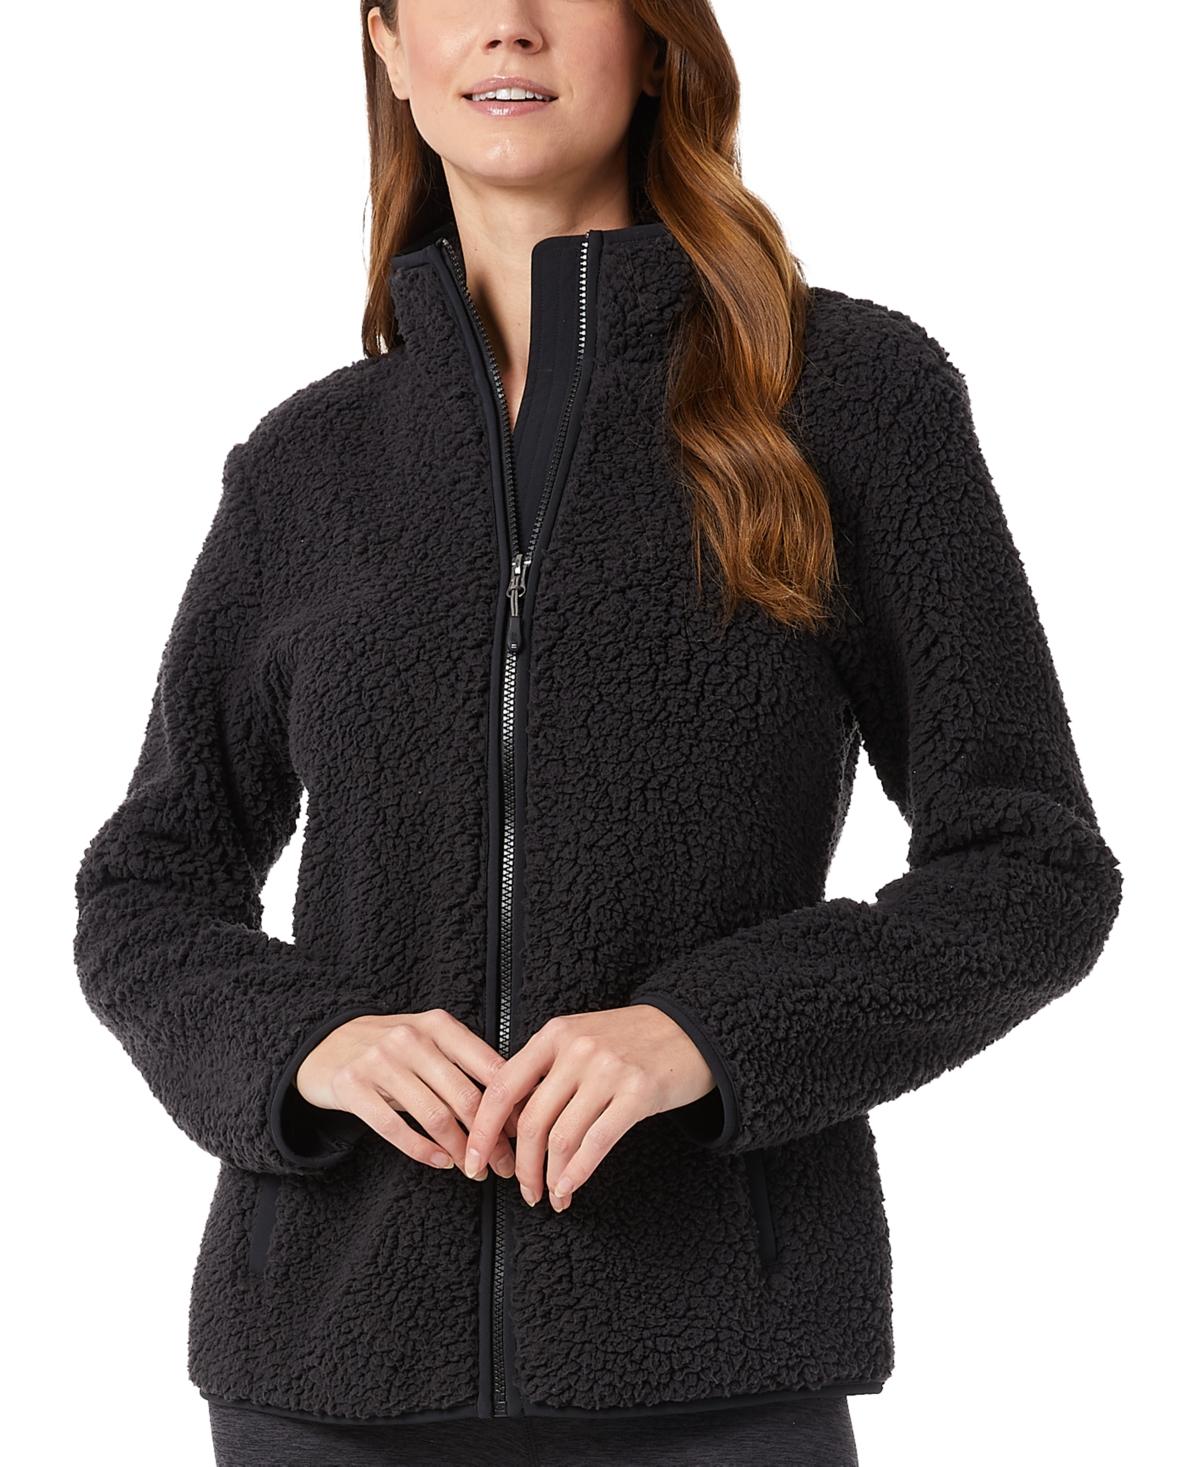 32 Degrees Sherpa Mock-Neck Sweatshirt